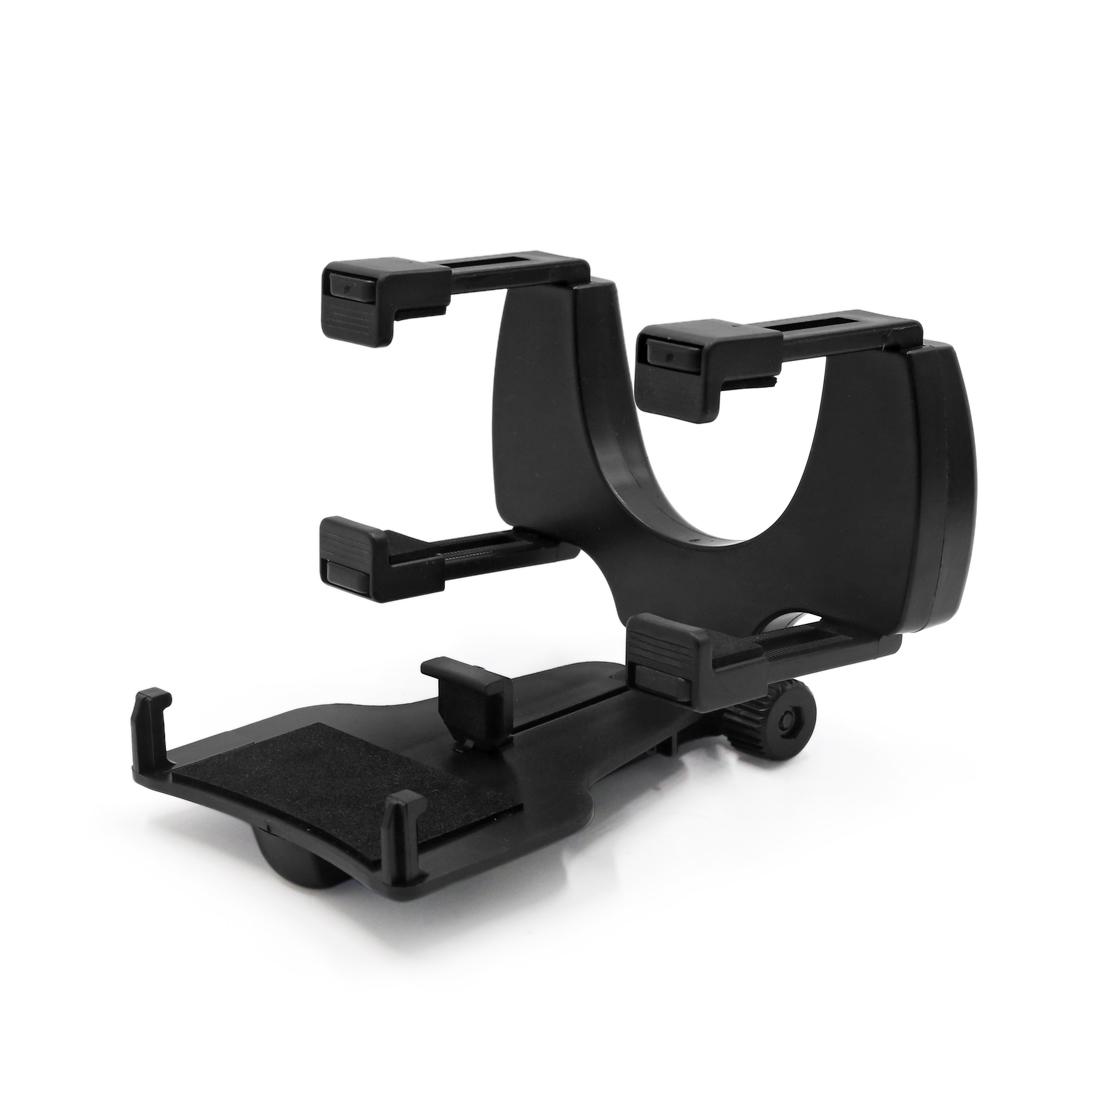 Adjustable Rearview Mirror Mount Mobile Phone GPS Holder Bracket Black for Car